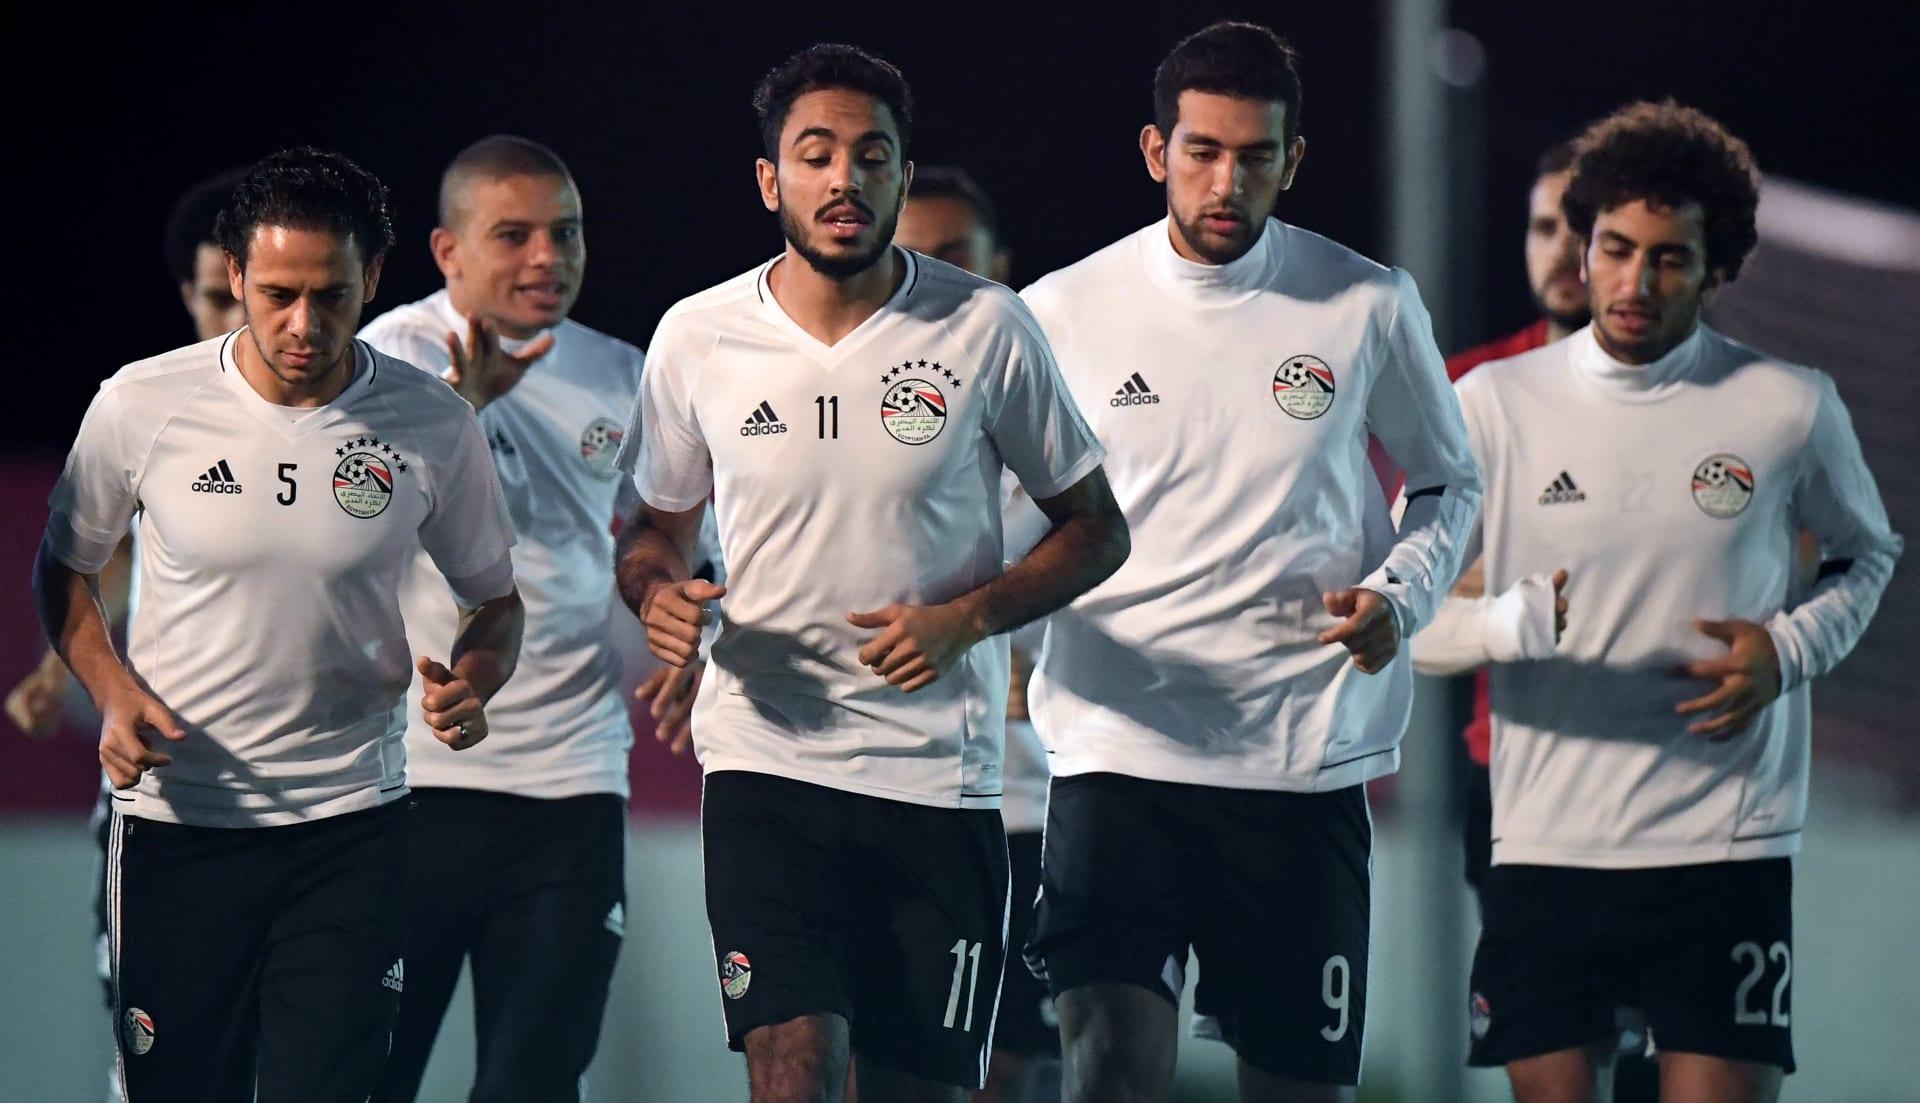 خمس نقاط فنية يجب أن يطبقها المنتخب المصري في مواجهة البرتغال